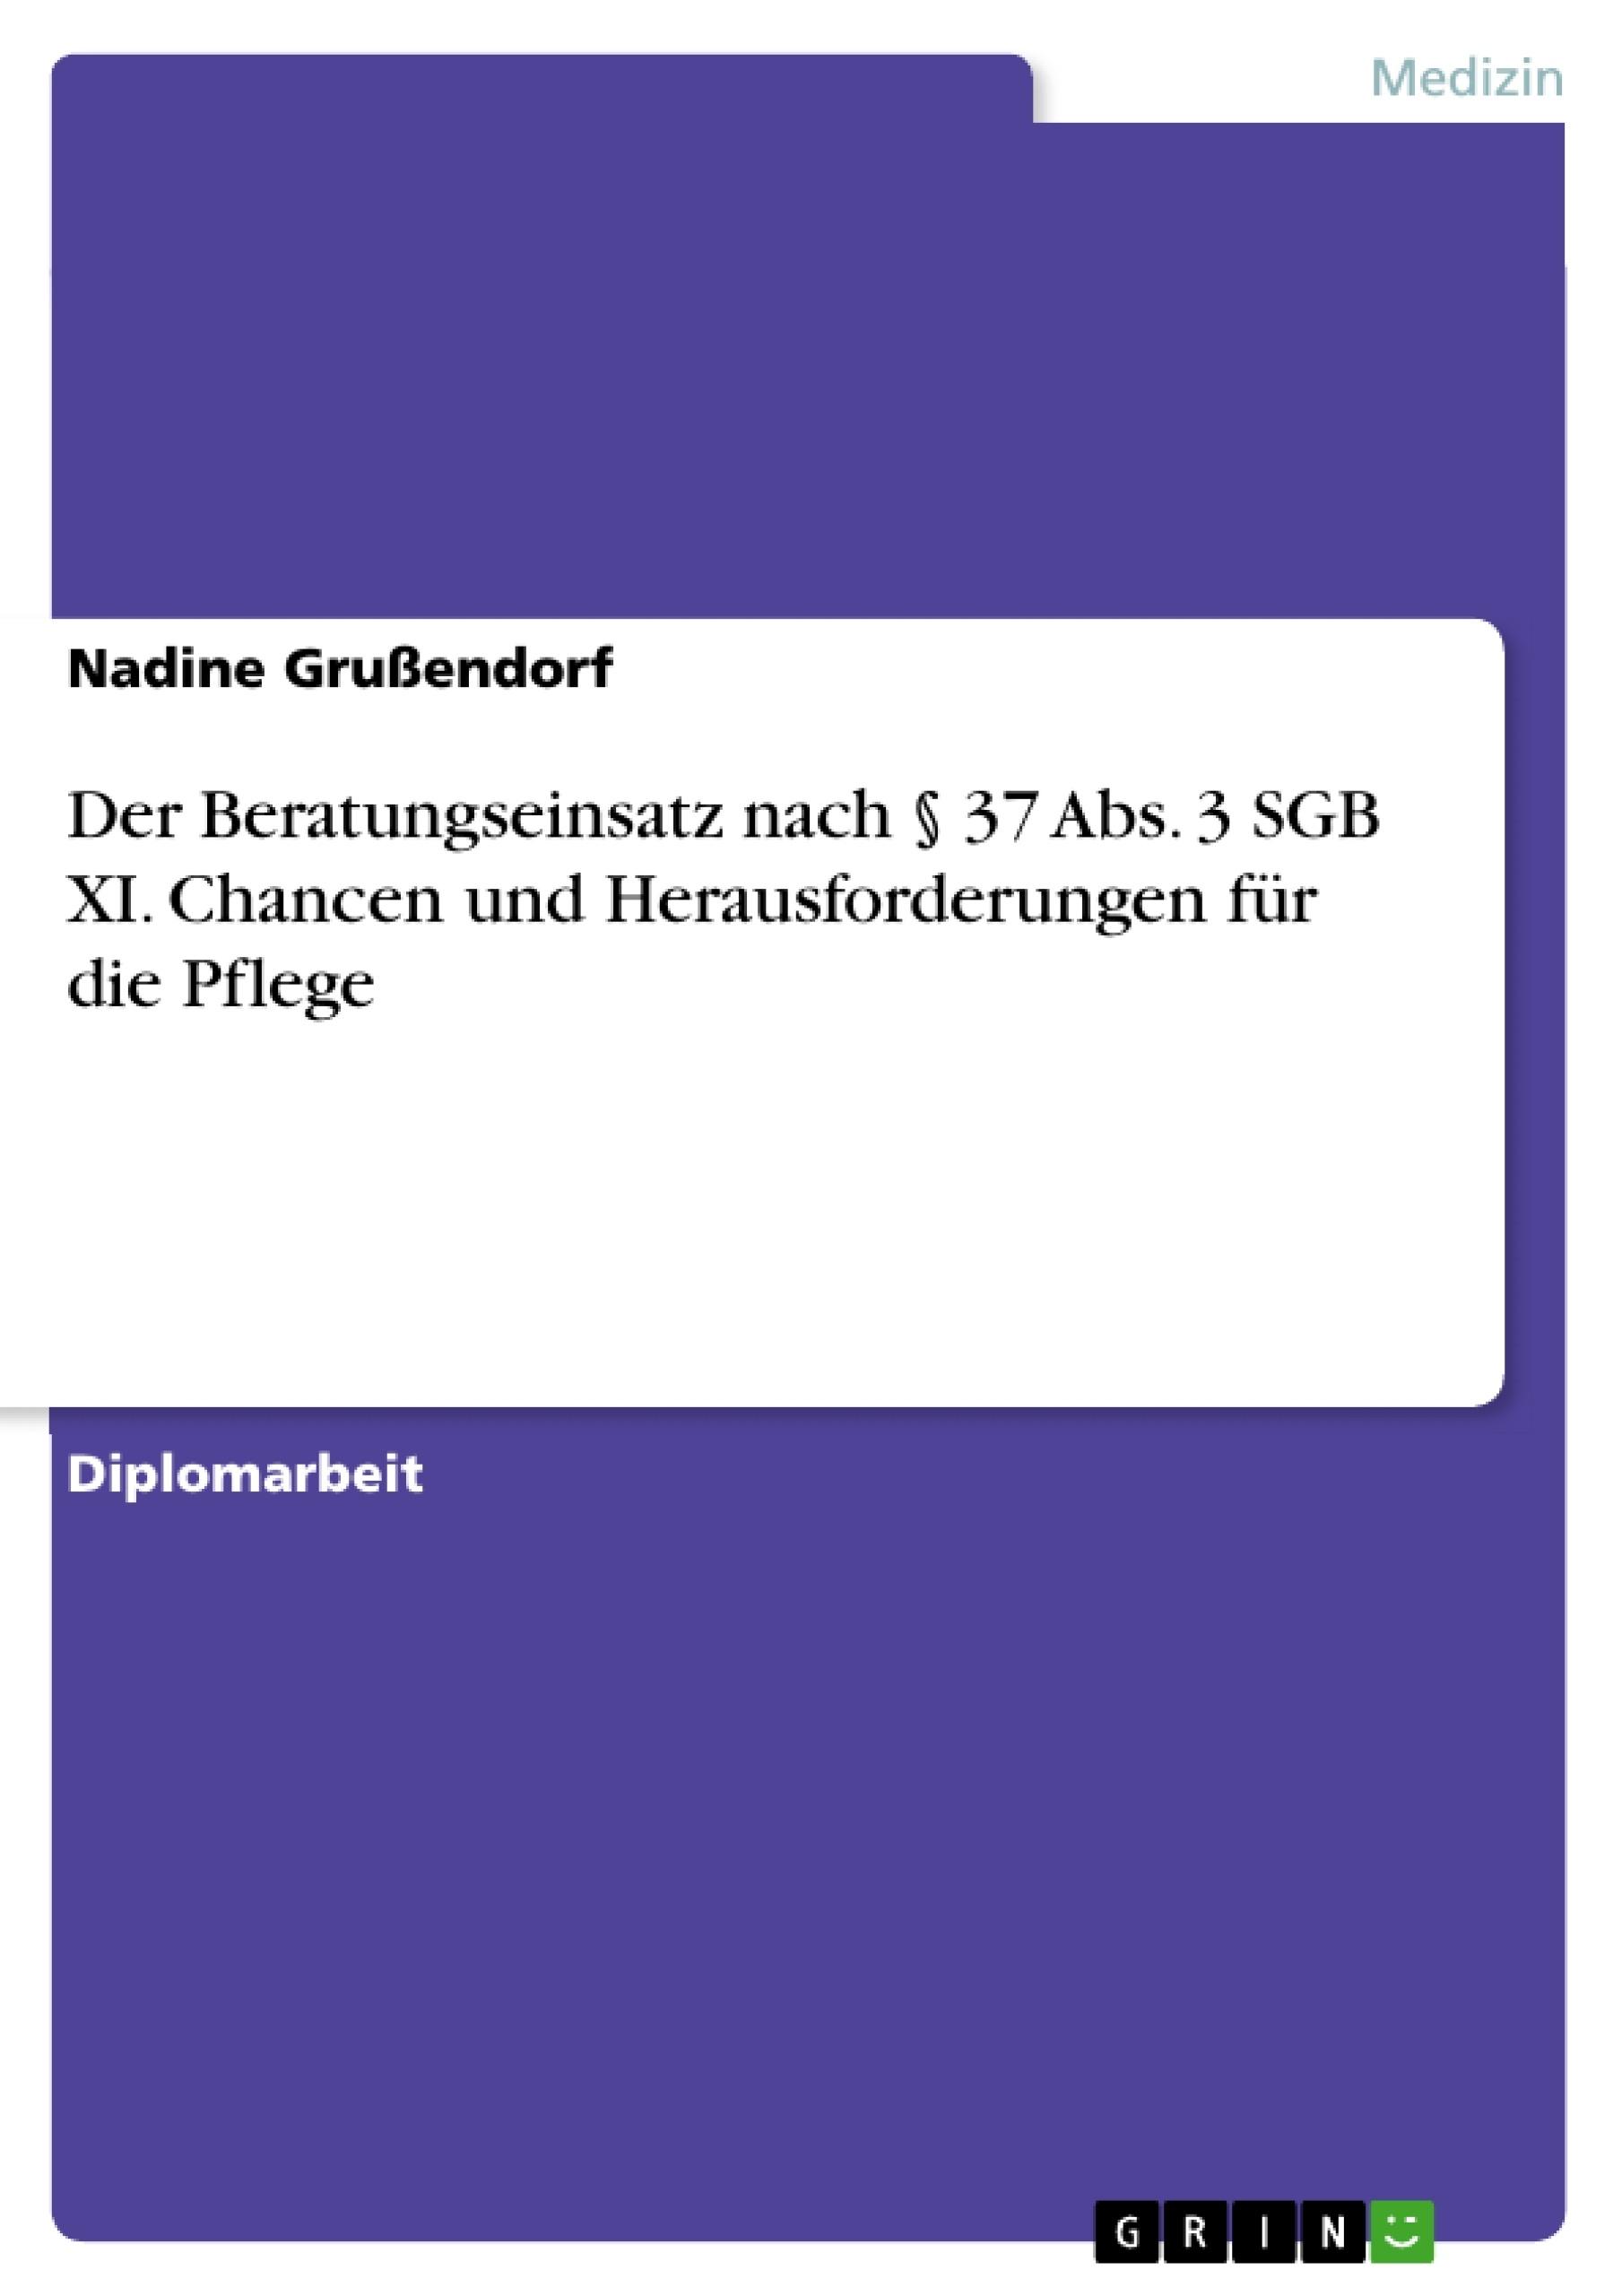 Titel: Der Beratungseinsatz nach § 37 Abs. 3 SGB XI. Chancen und Herausforderungen für die Pflege